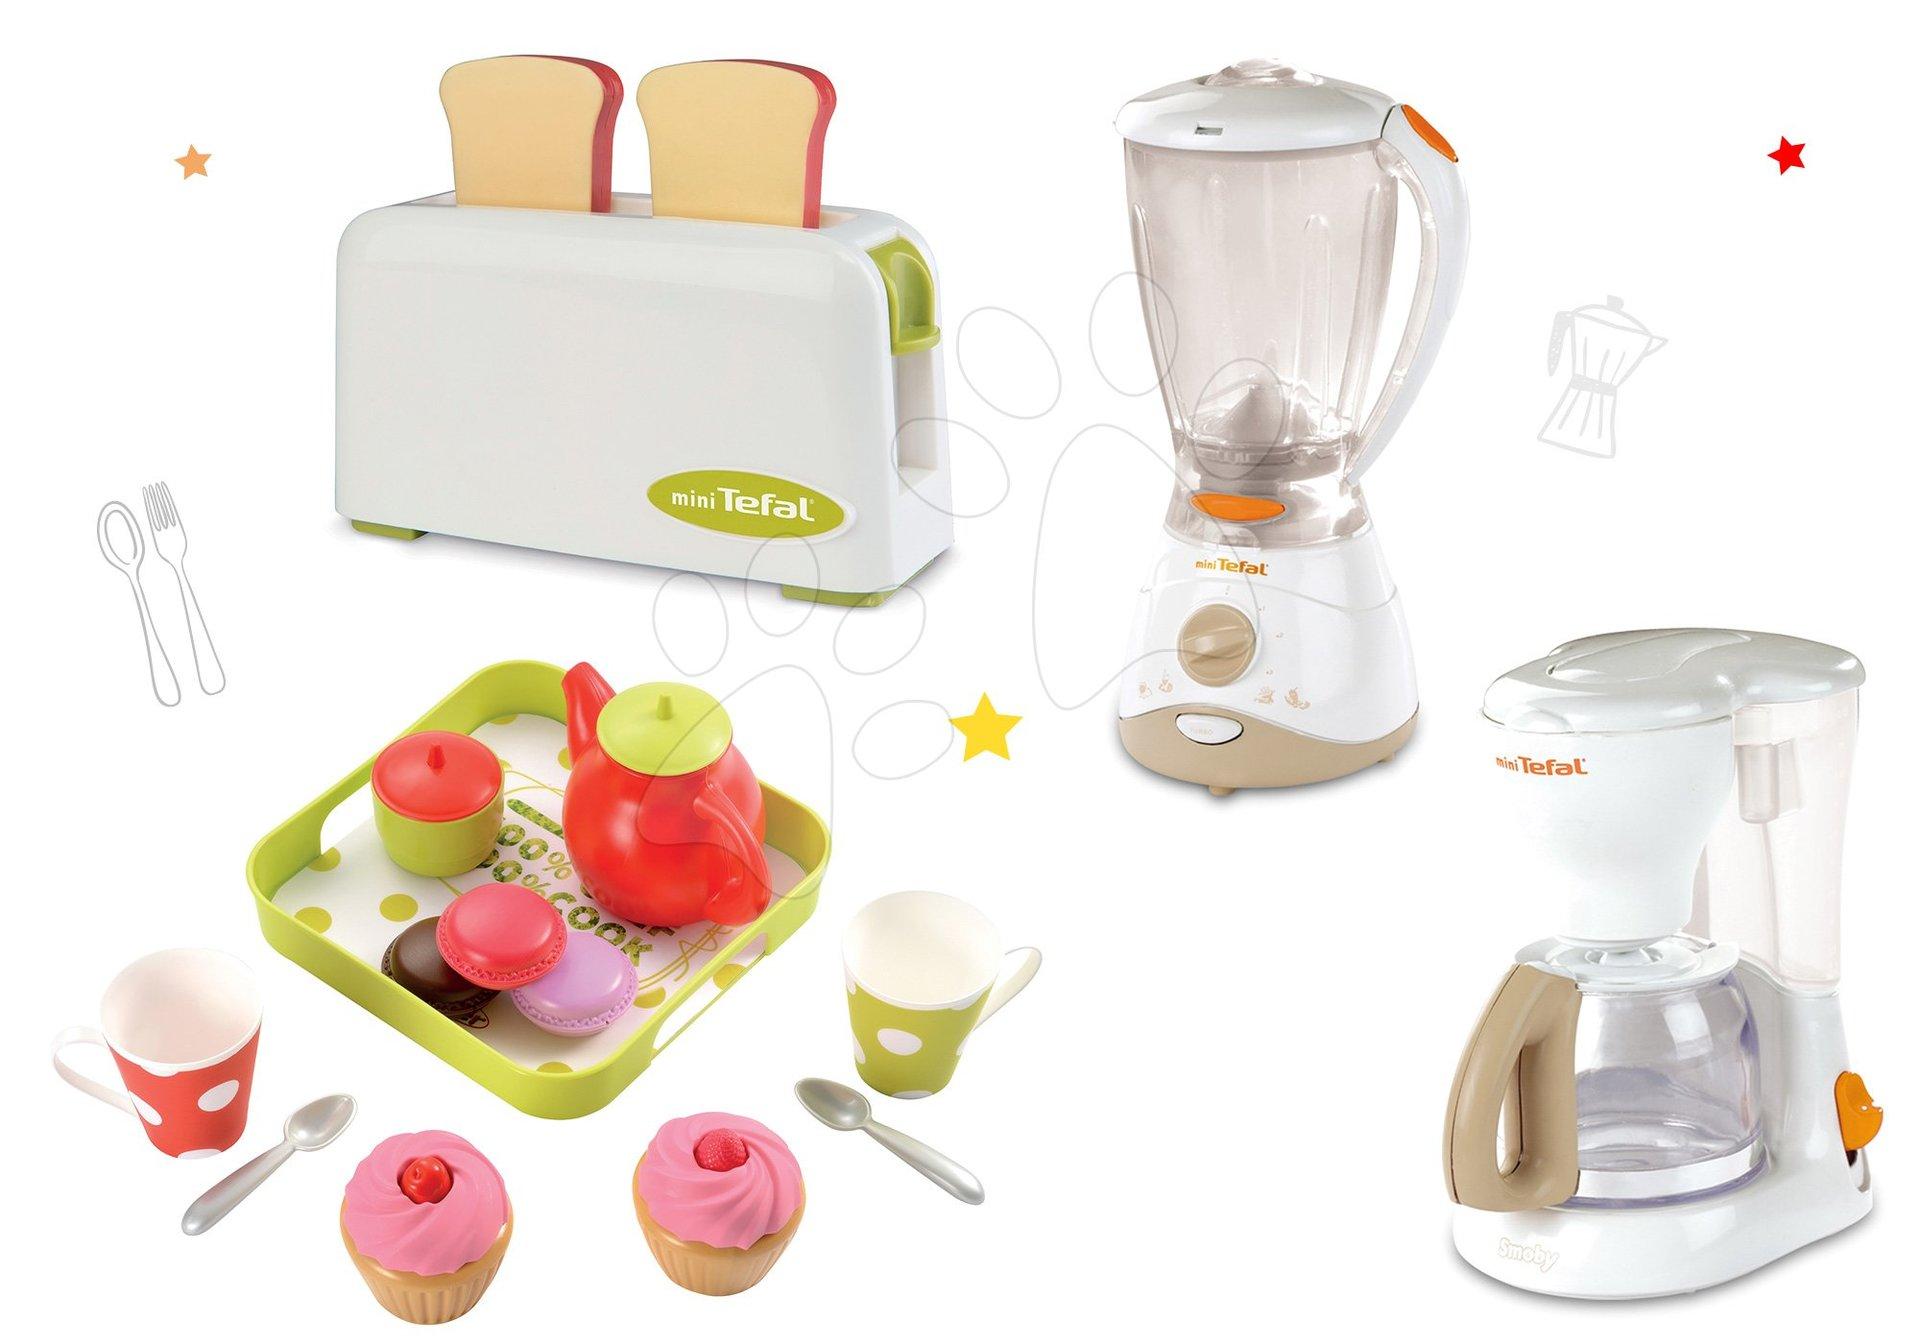 Spotrebiče do kuchynky - Set toaster Mini Tefal Smoby kávovar Tefal, mixér Tefal a čajový set Cheef Cook